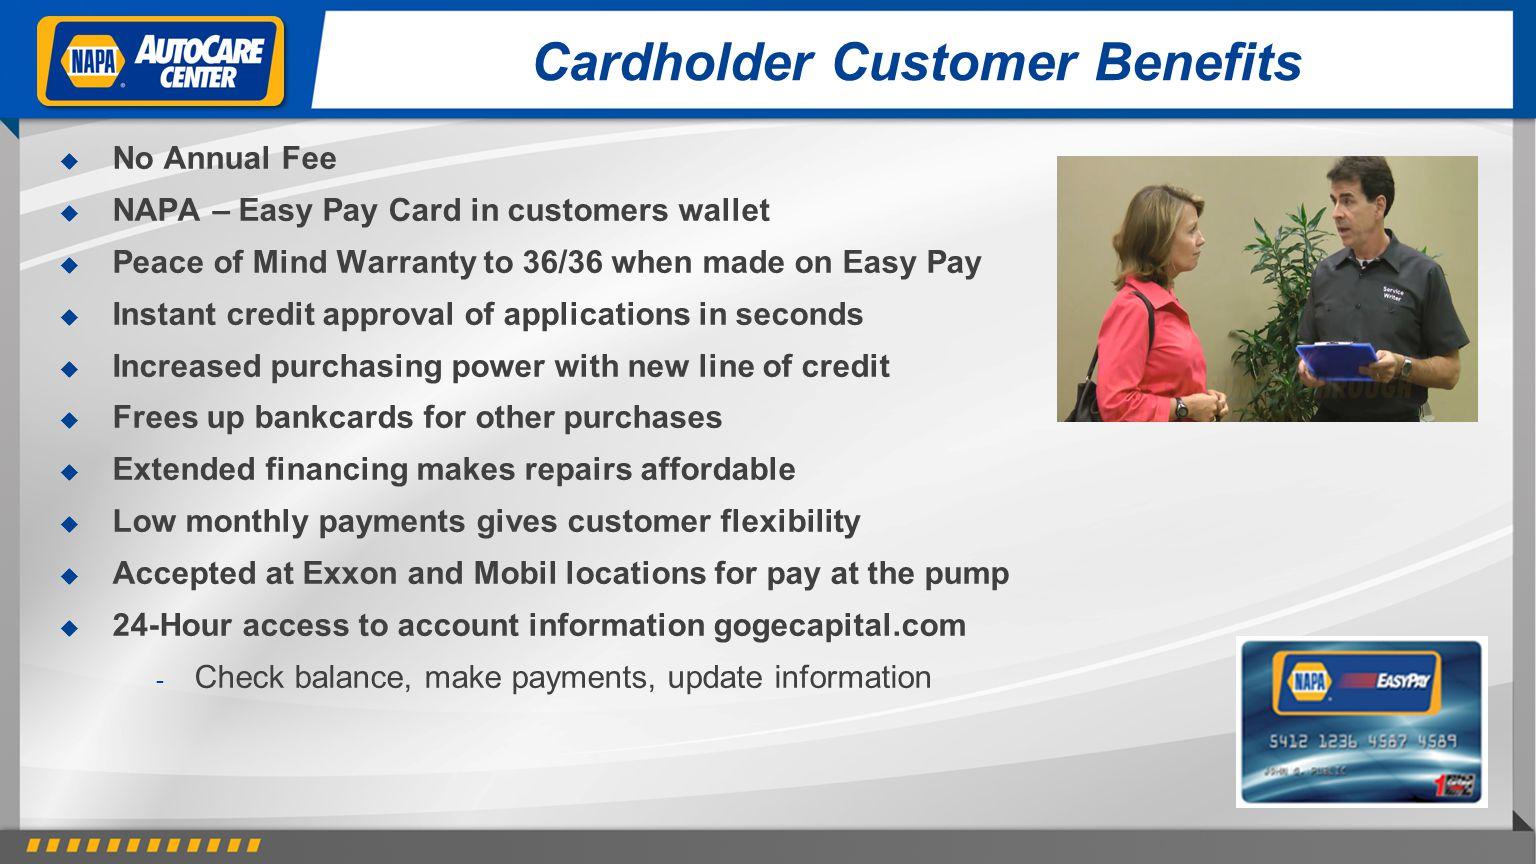 Cardholder Customer Benefits